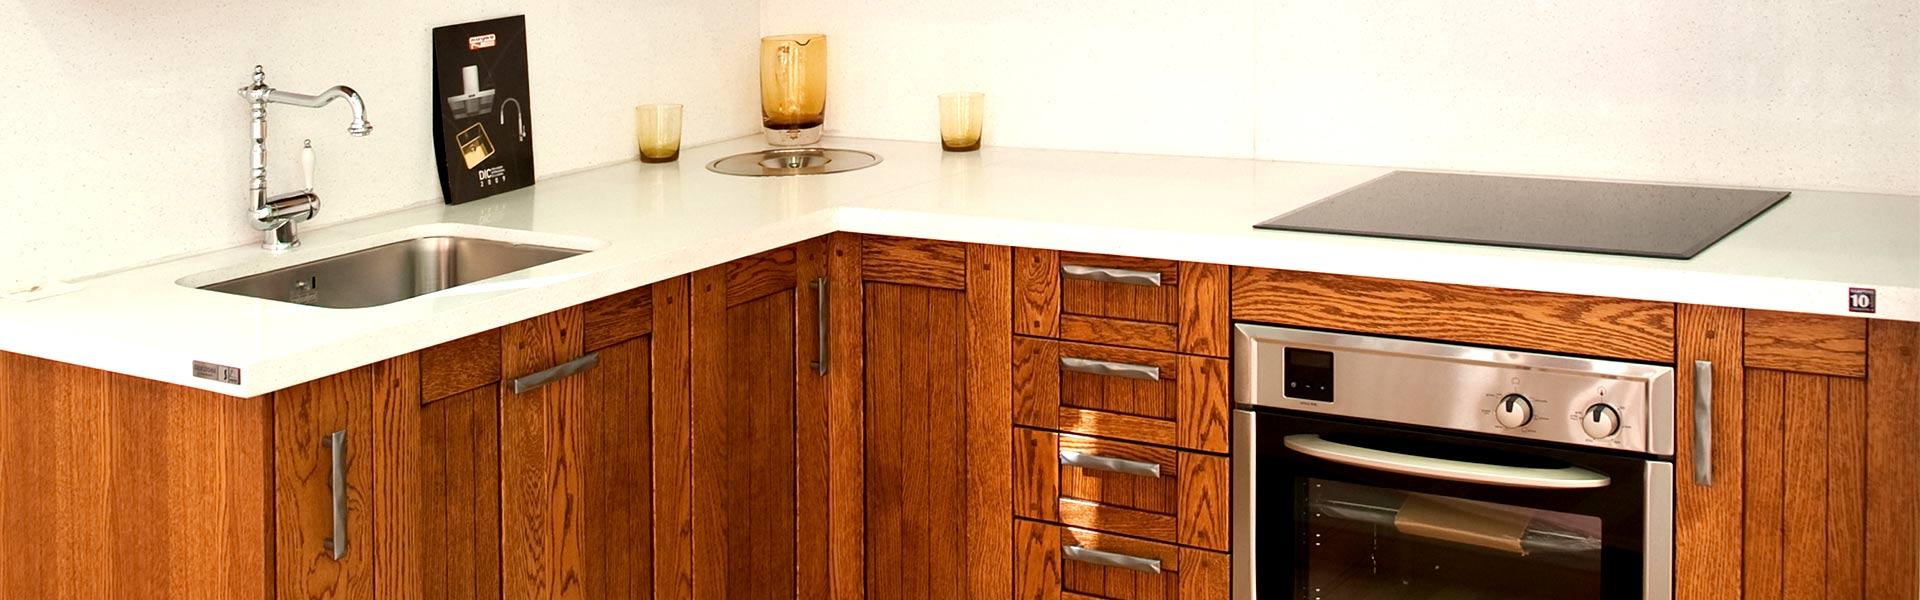 Muebles de cocina inteco alicante - Muebles de cocina alicante ...